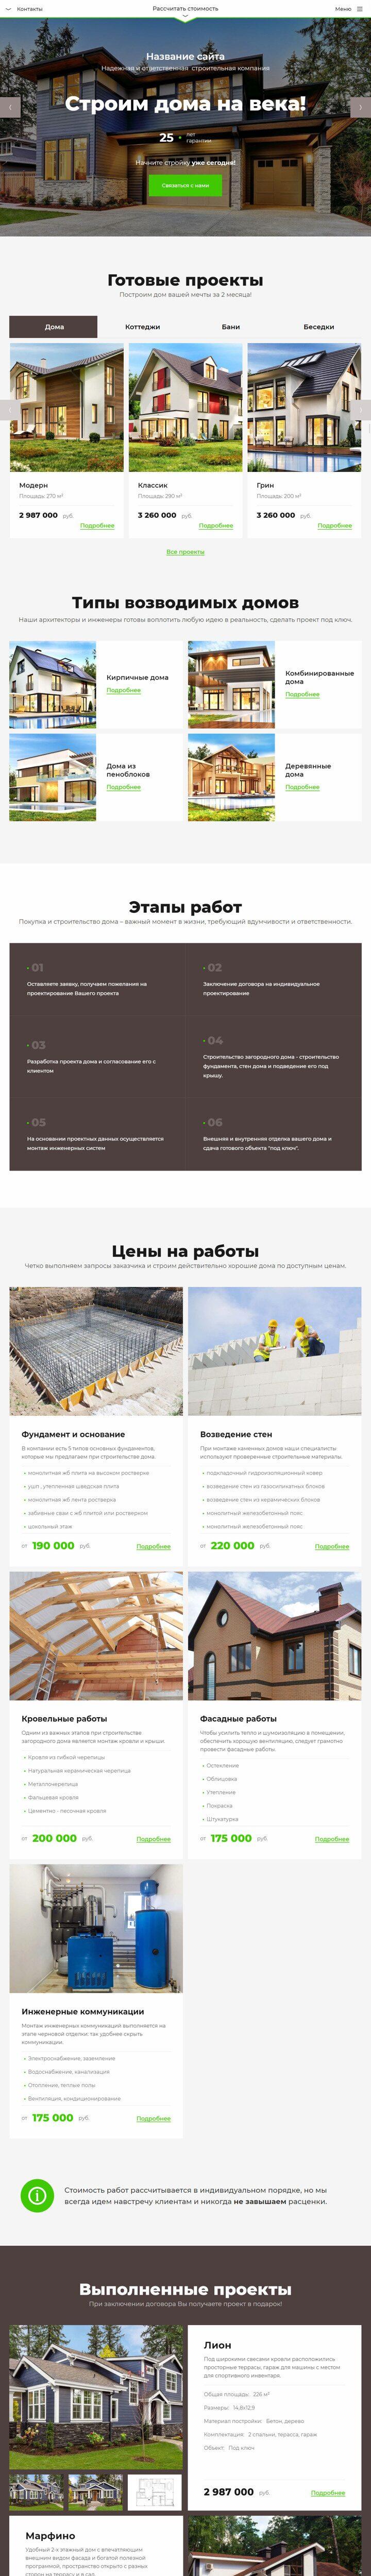 Готовый Сайт-Бизнес #2798053 - Загородное строительство (Главная 2)